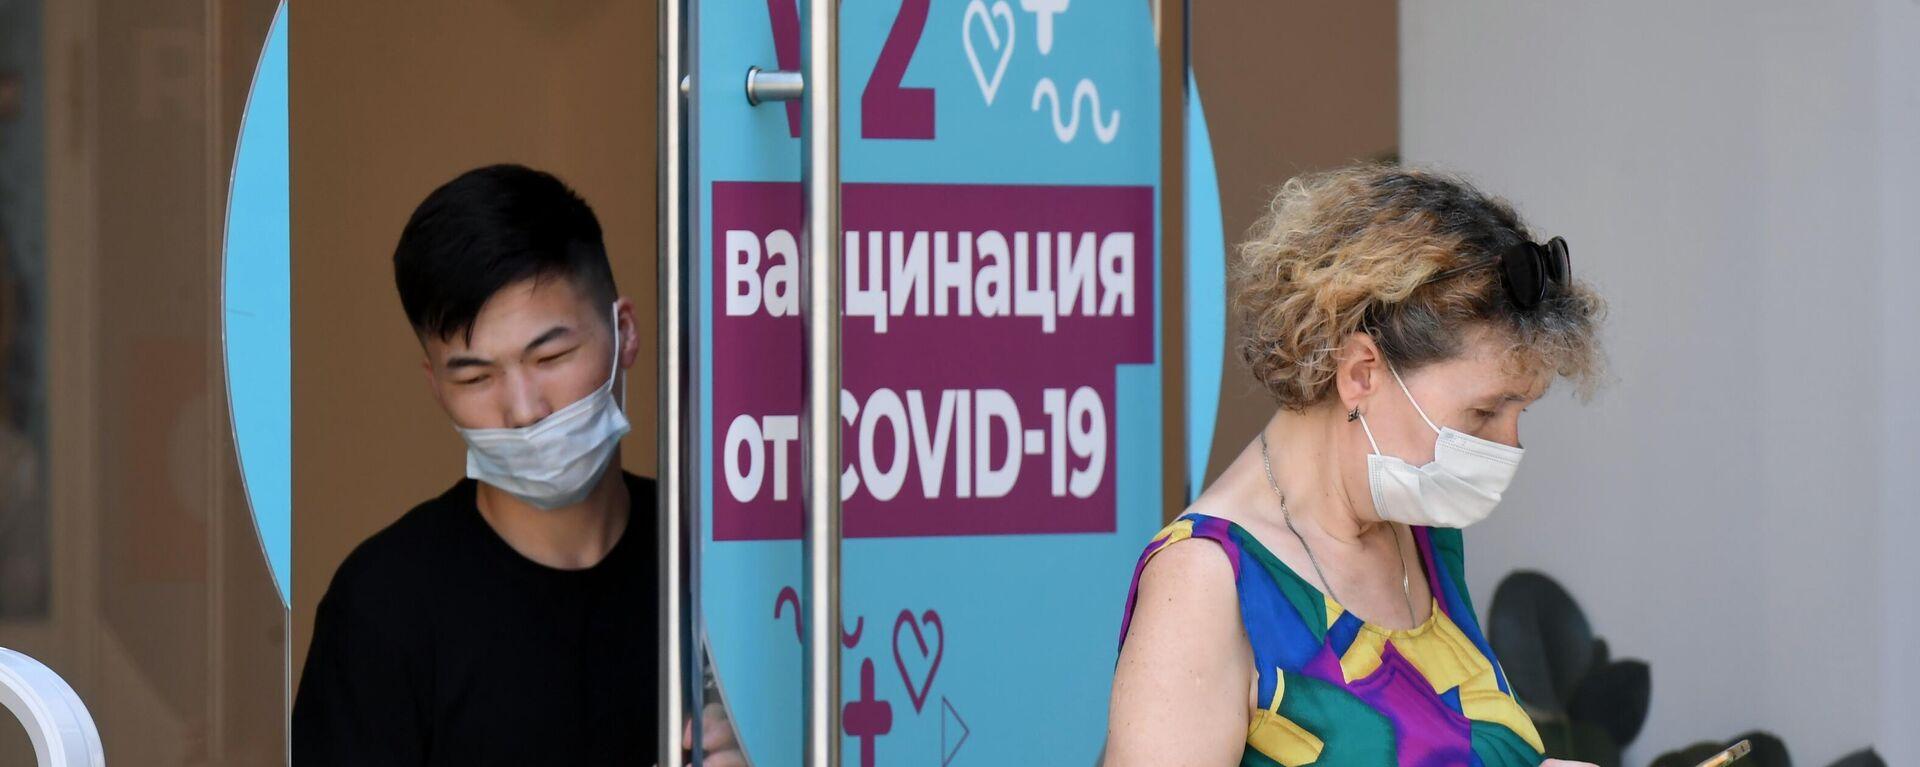 Вакцинация от COVID-19 в Москве - Sputnik Таджикистан, 1920, 05.08.2021